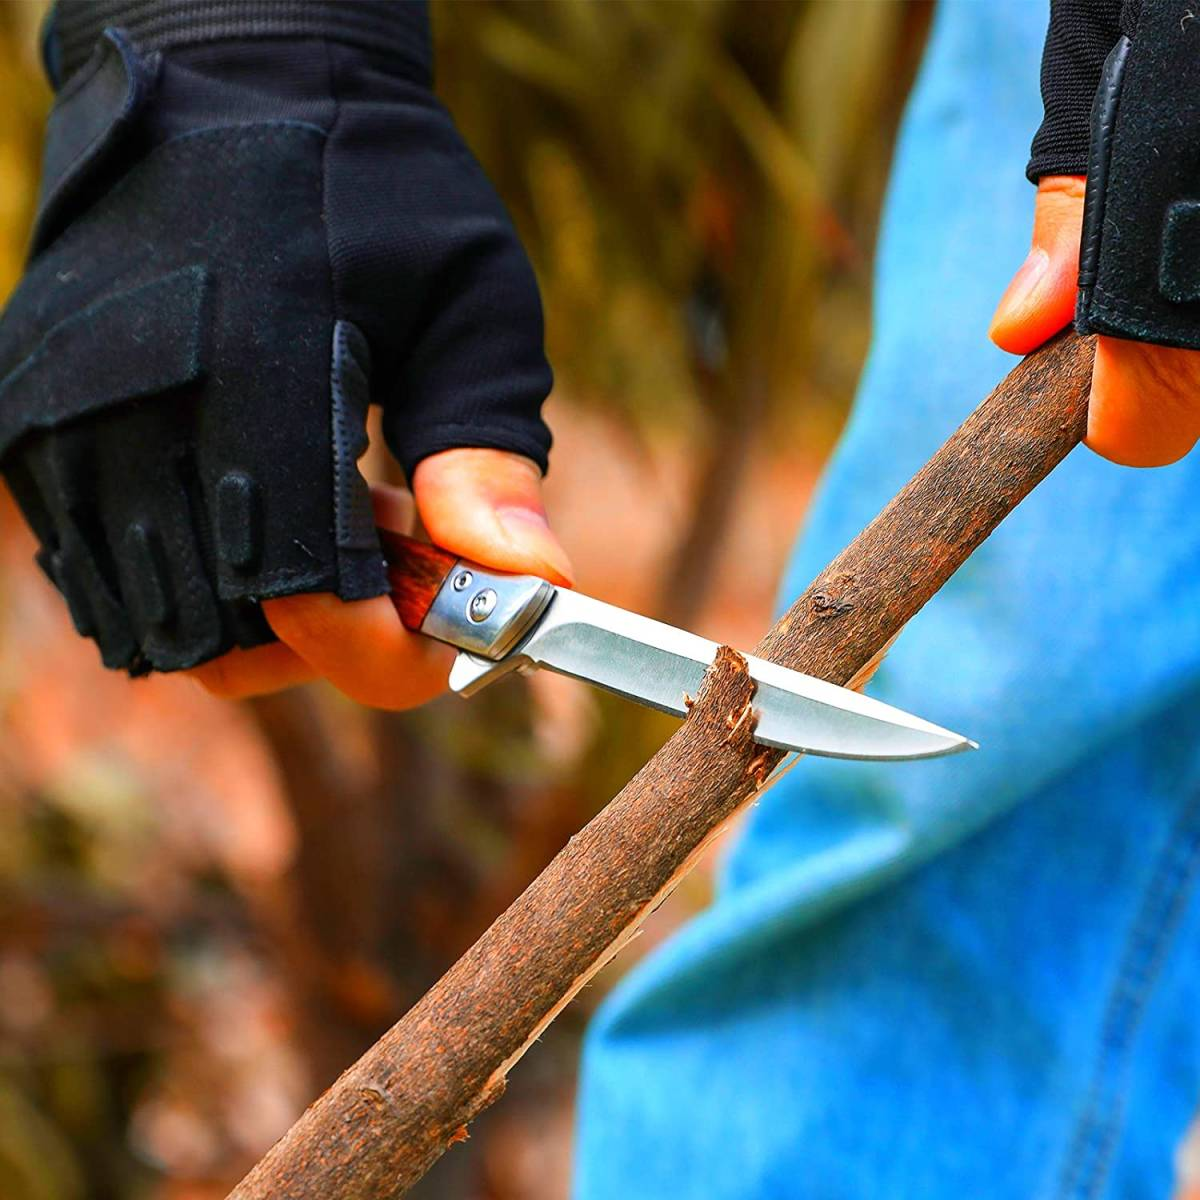 【新品 送料無料】キャンプ ナイフ アウトドア フォールディングナイフ 折りたたみ